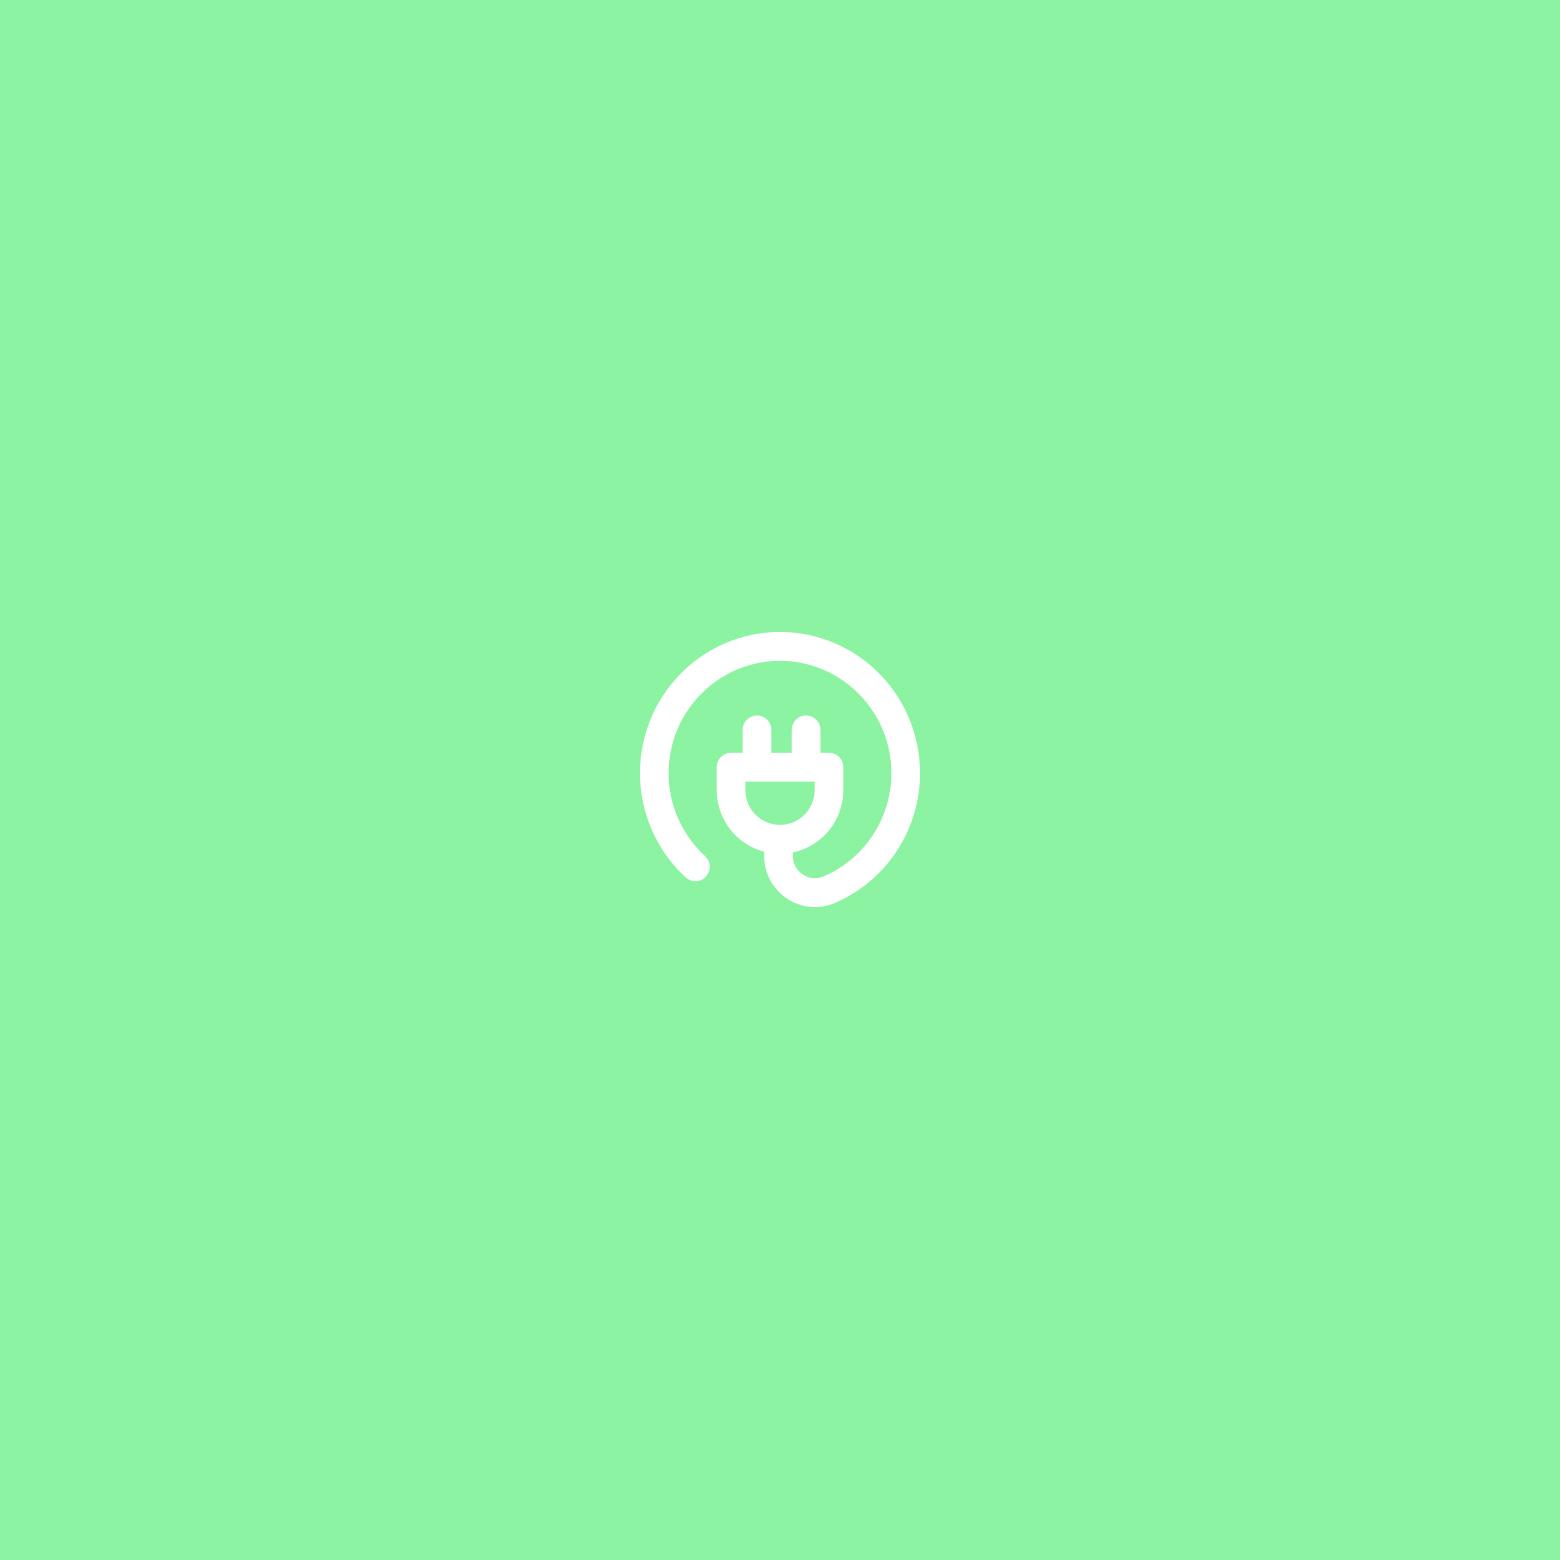 logo_simbol